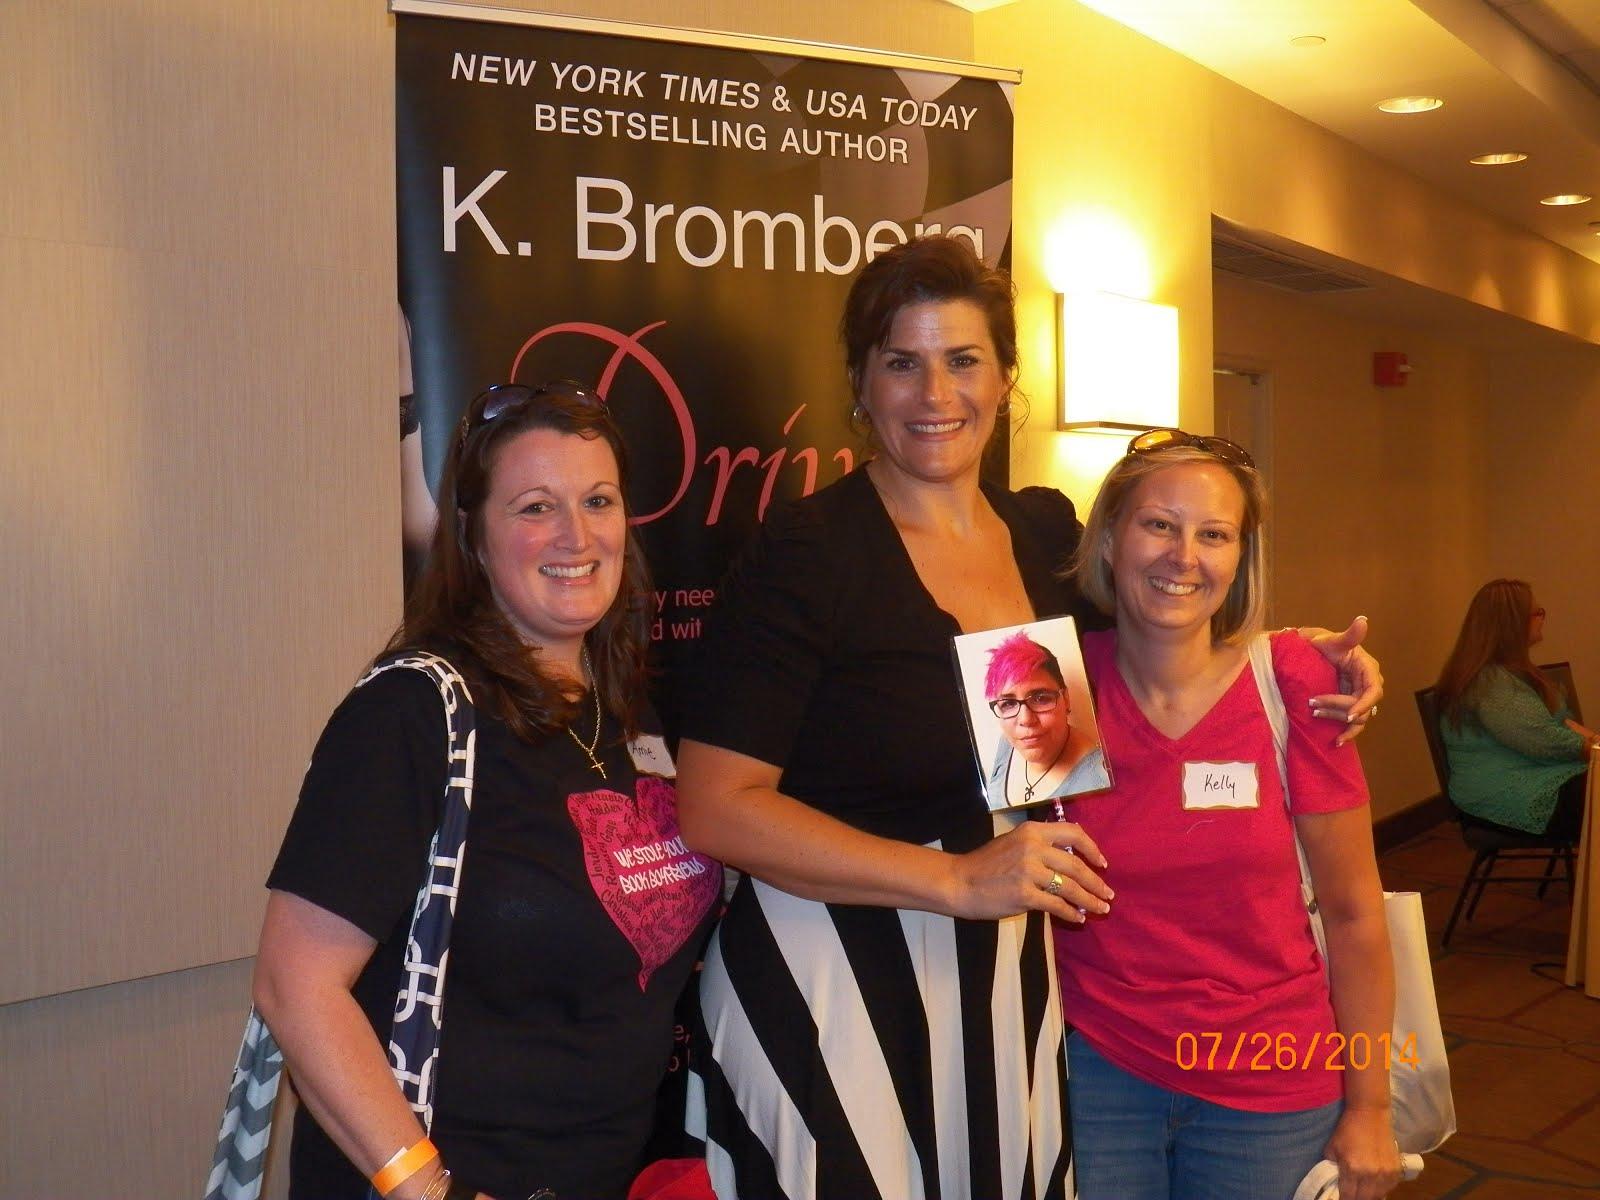 NY Signing - K. Bromberg